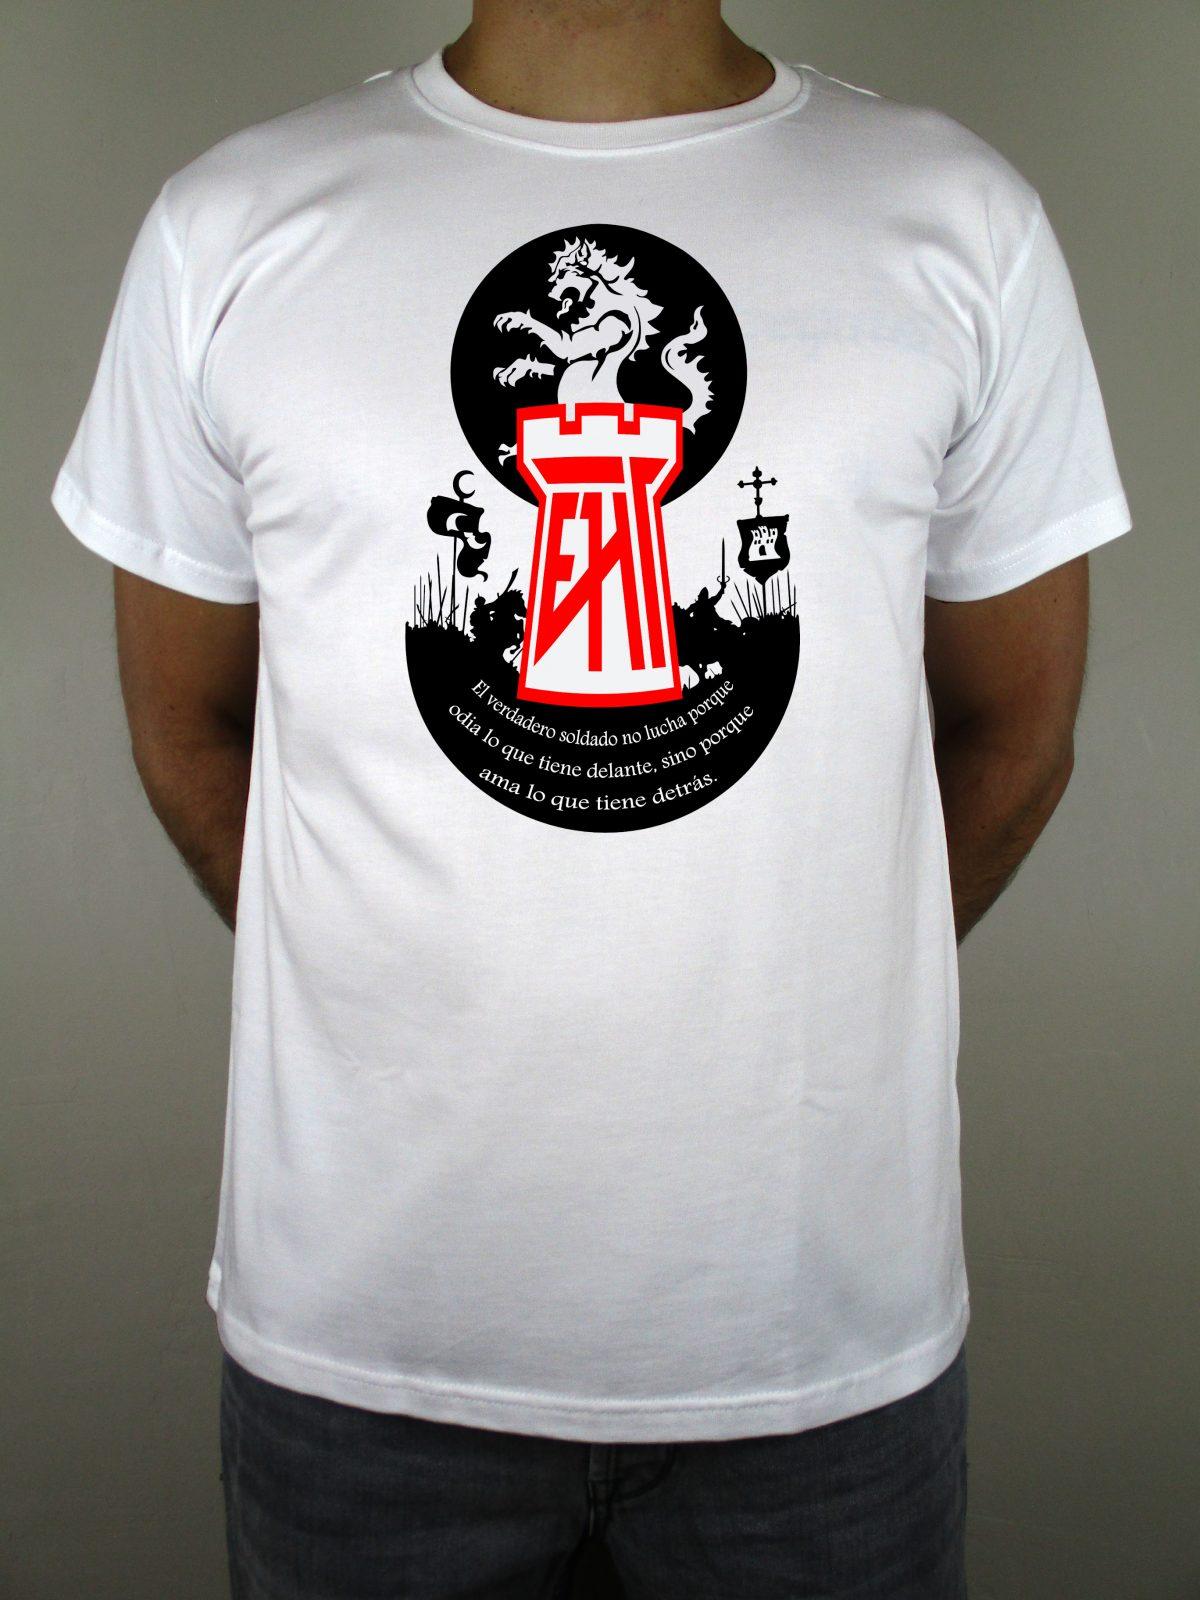 Camiseta blanca EHT homenaje al Cid Campeador. Hecha en España. Algodón 100% de calidad. Las mejores camisetas españolas.